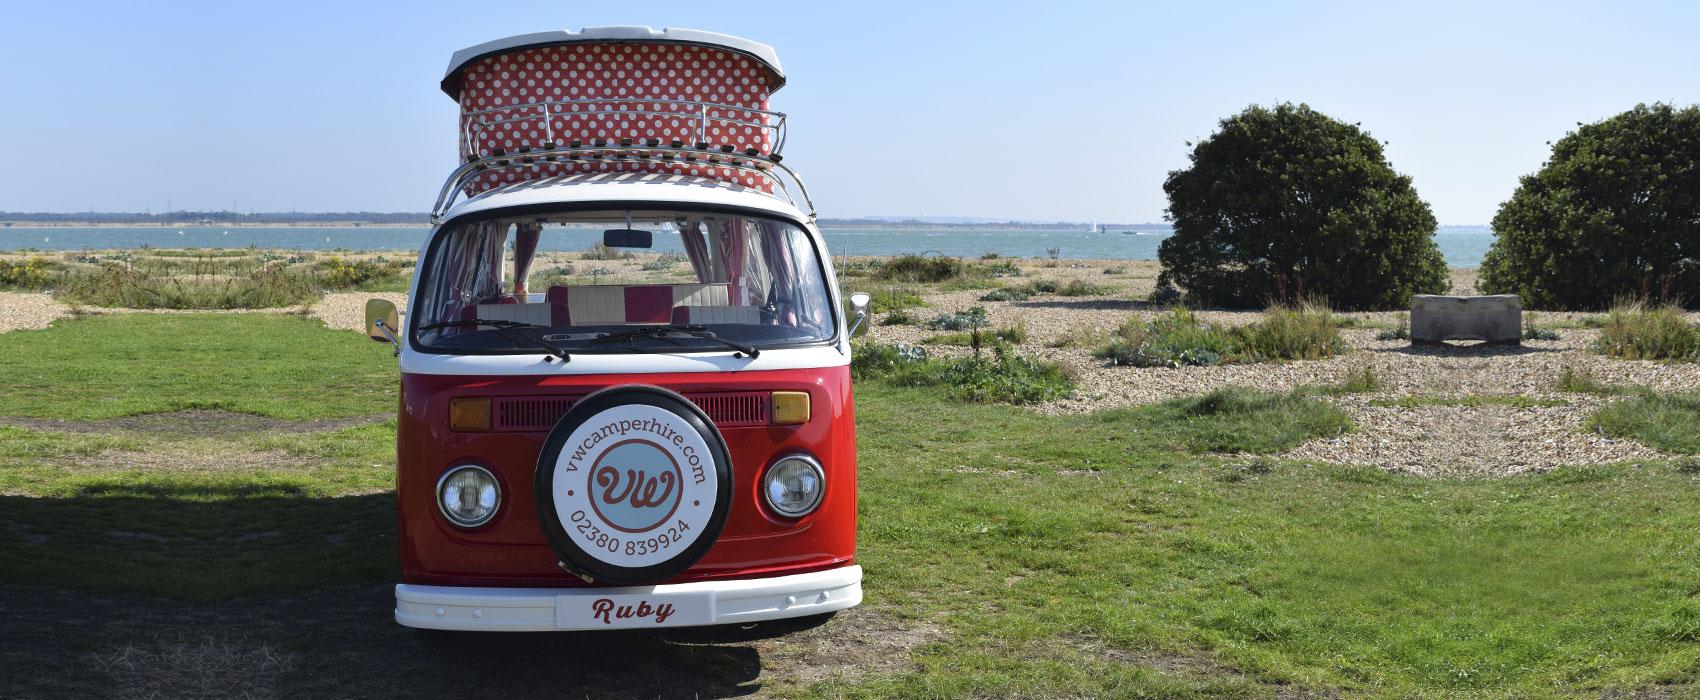 Meet Ruby - The Complete Glampervan